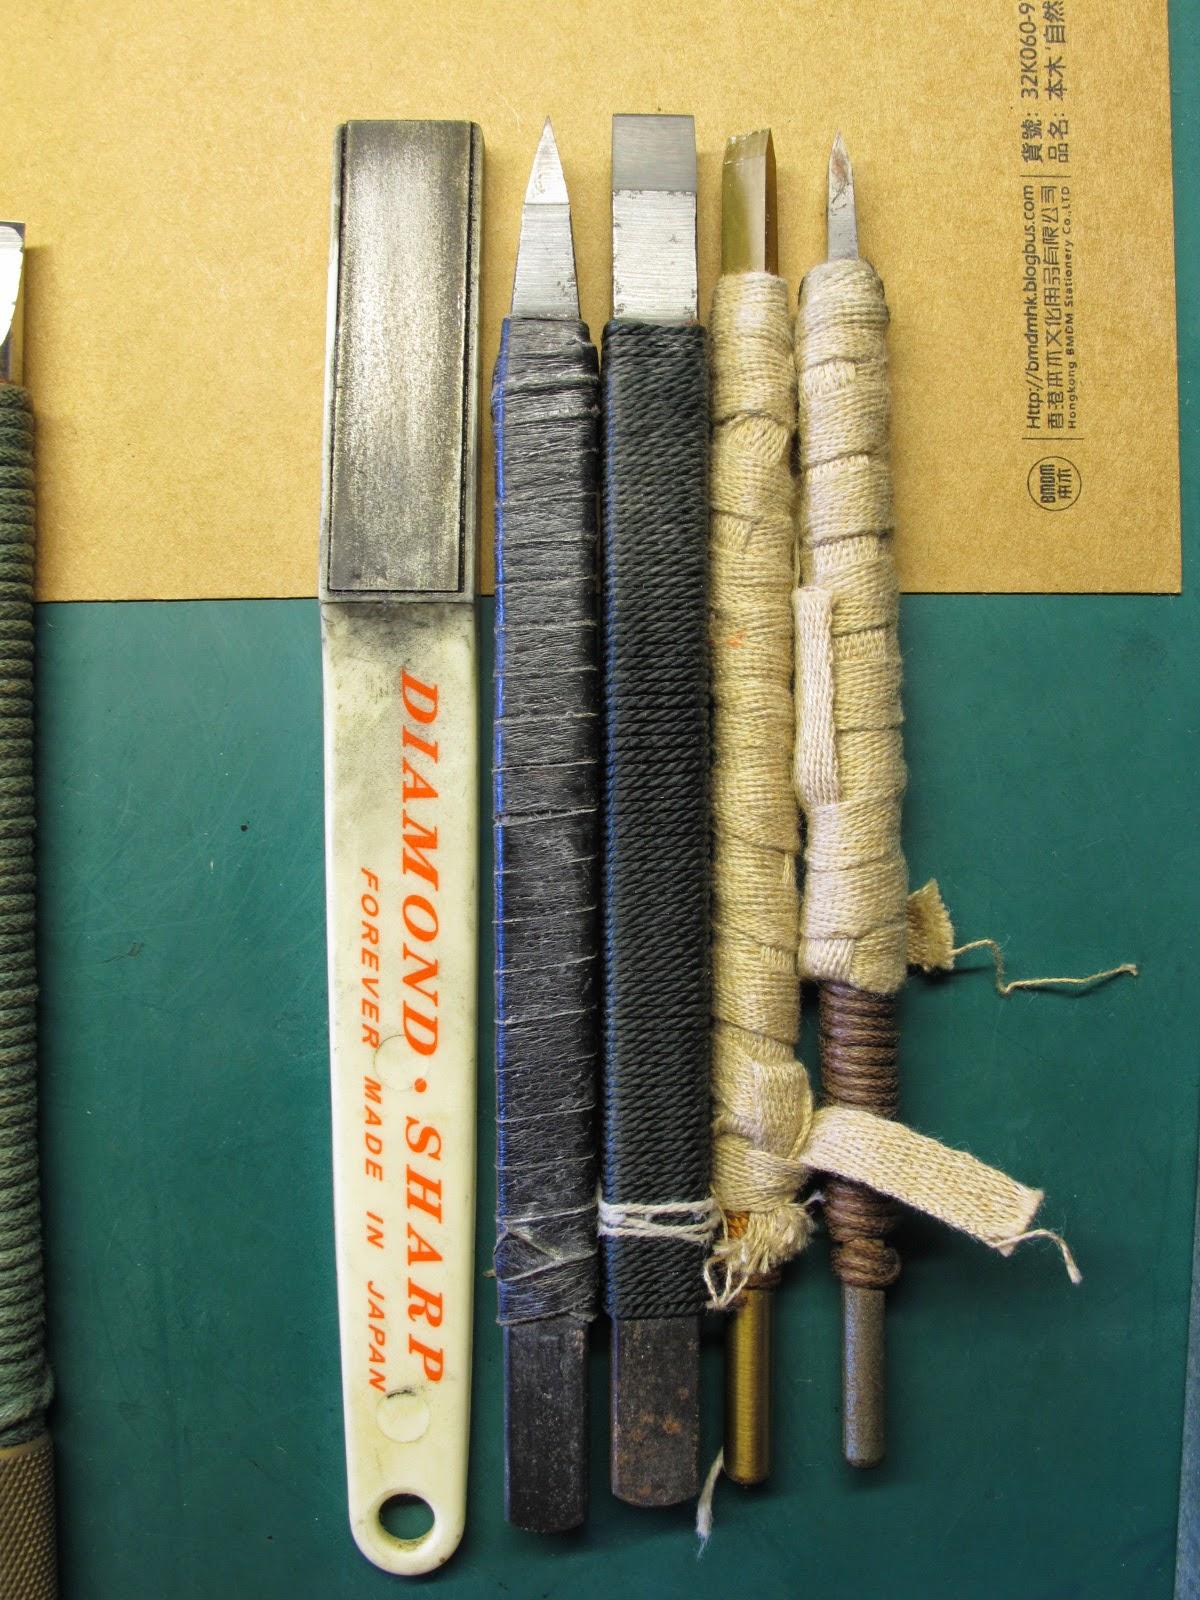 云山草堂~久之的工筆與金魚: 我篆刻用的刀具與鑽石磨刀石